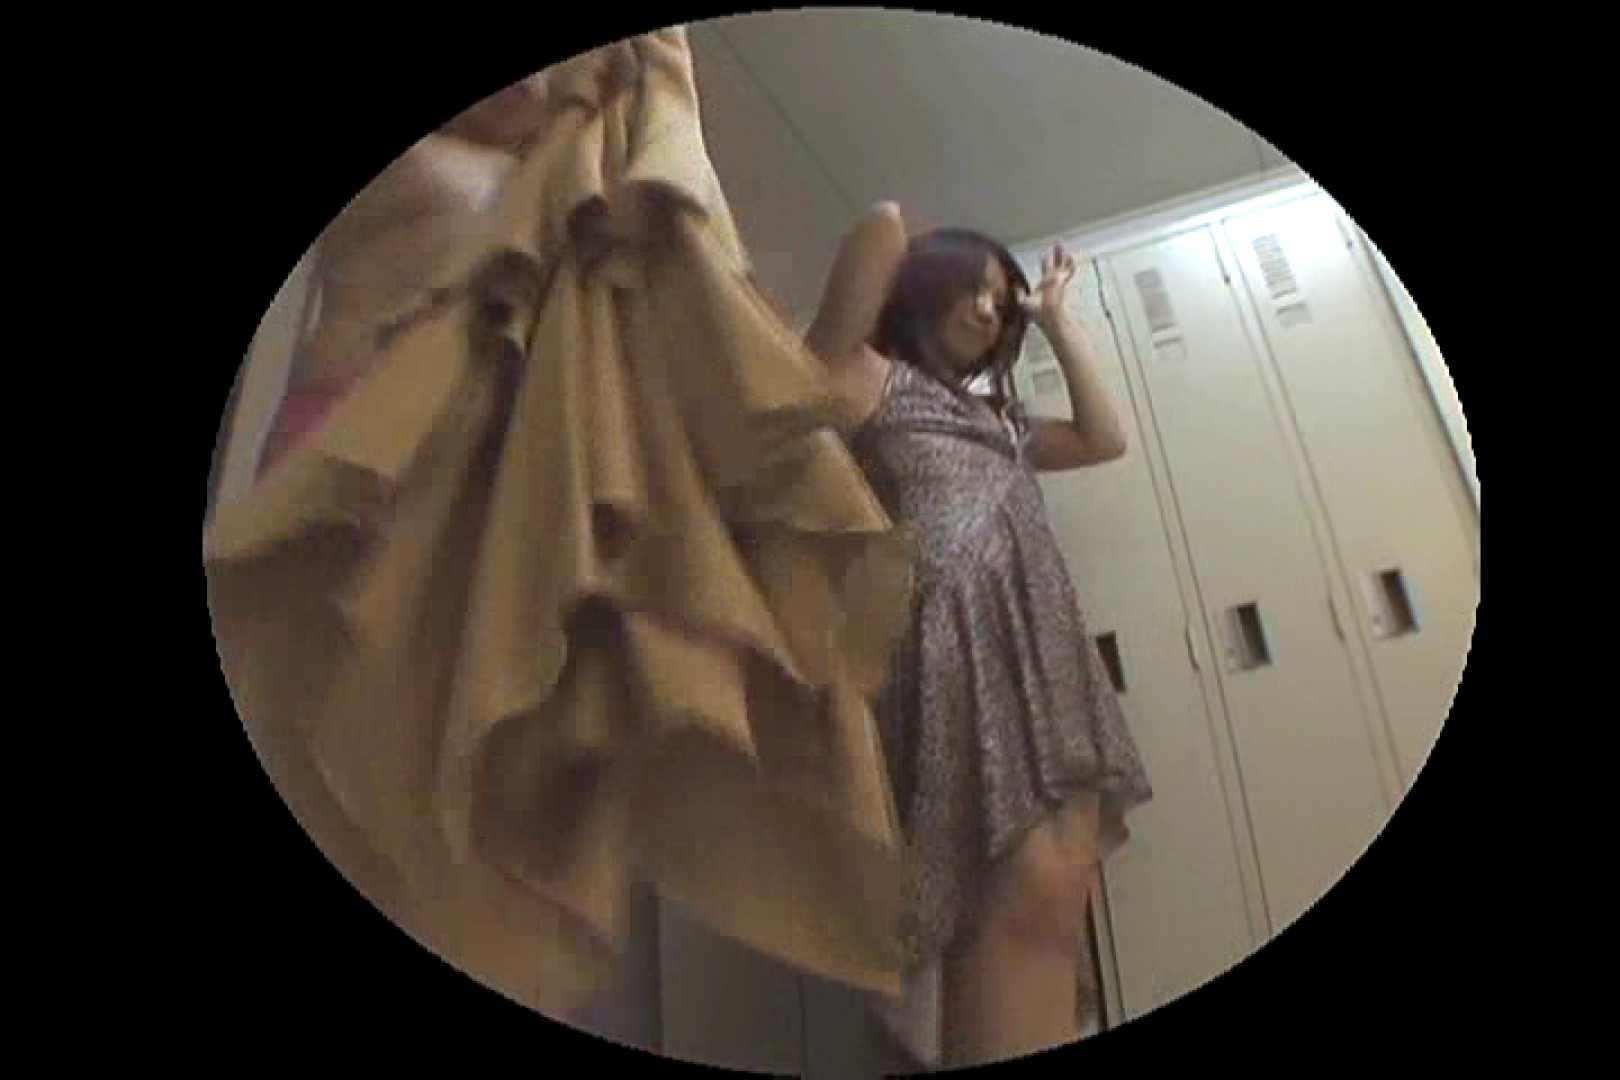 キャバ嬢舞台裏Vol.4 おっぱい | すけべなOL  105画像 29